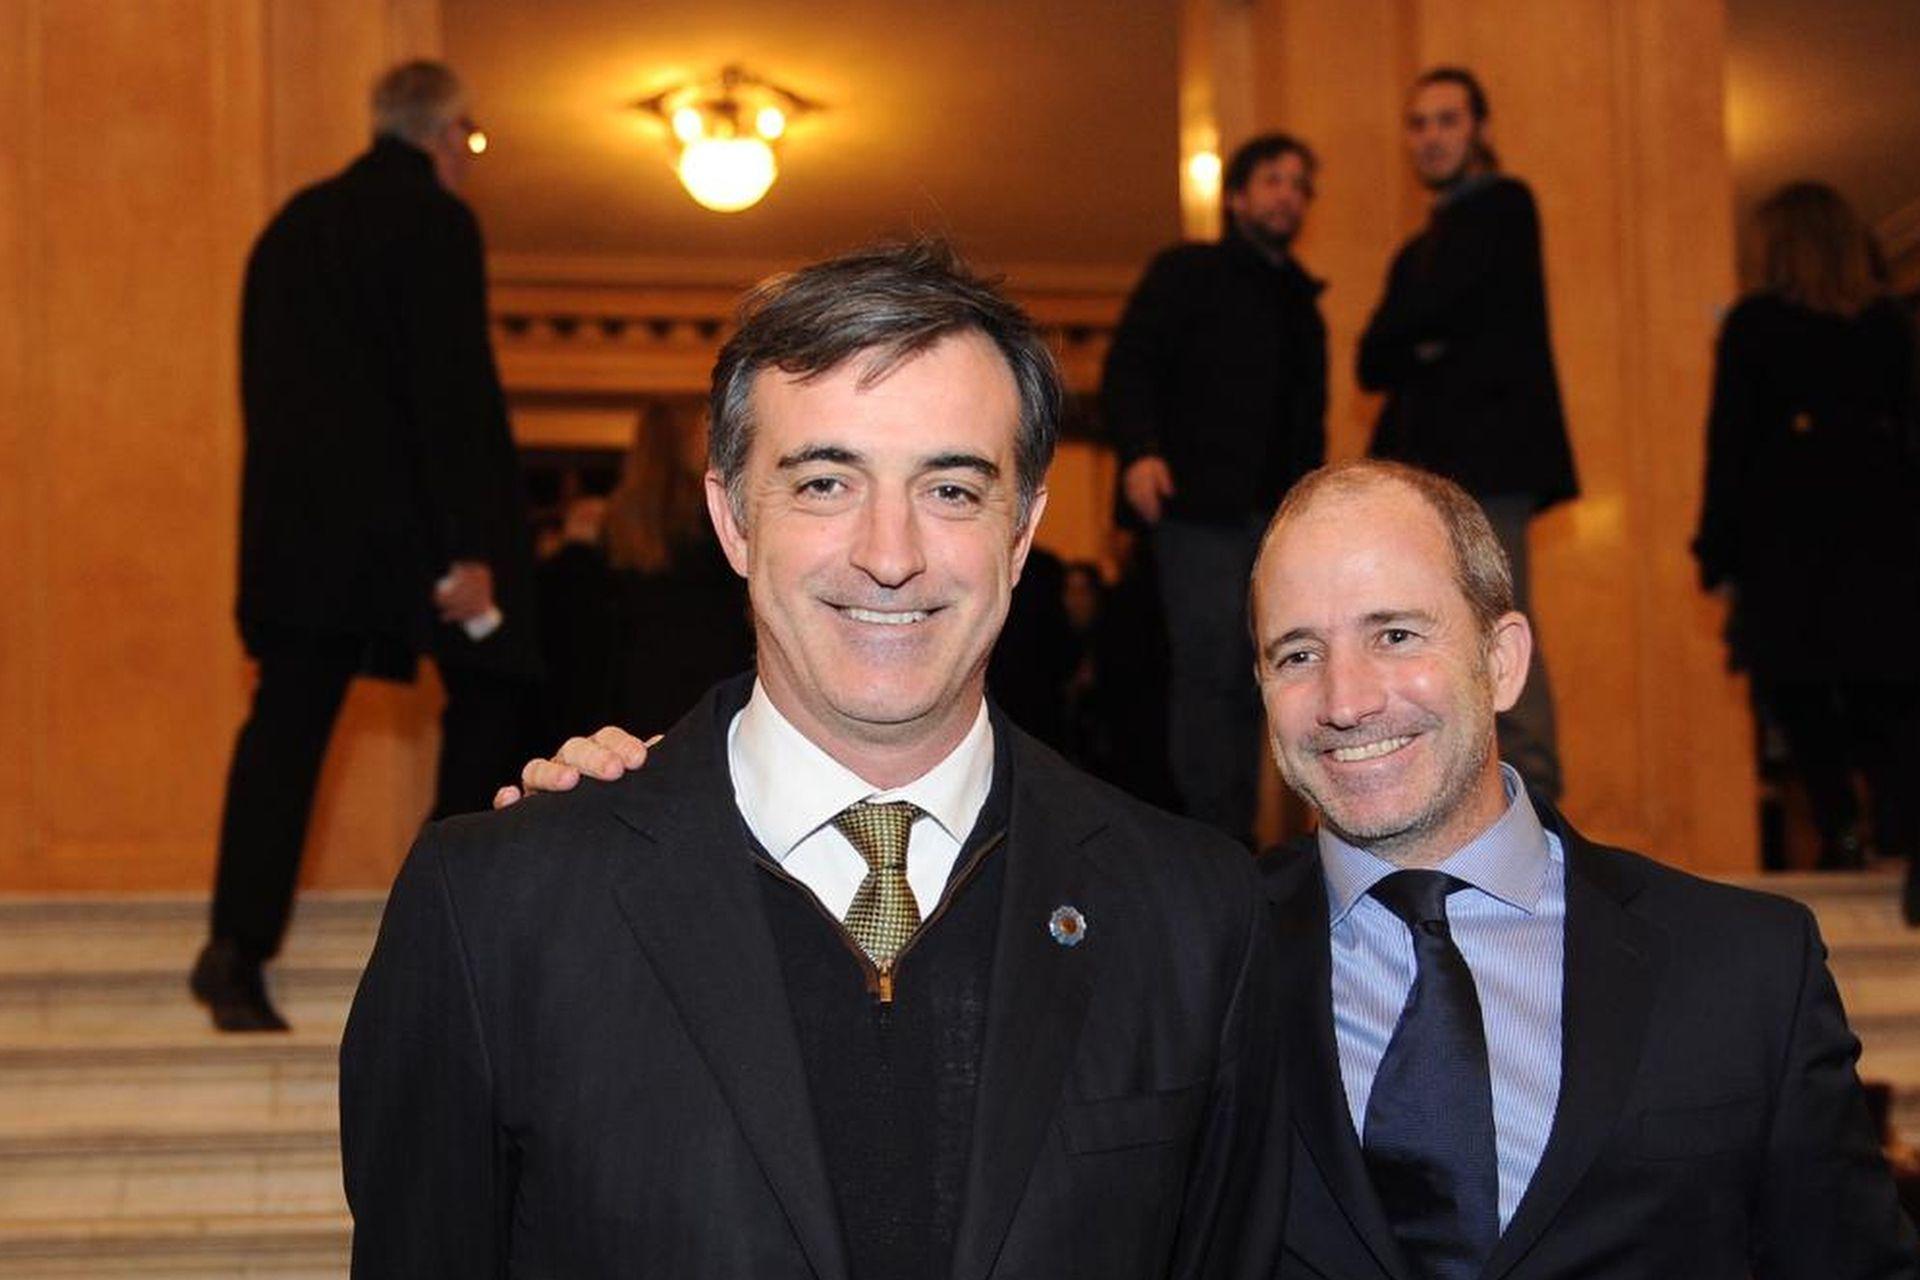 El senador nacional Esteban Bullrich y Gervasio Marques Peña, de LA NACION